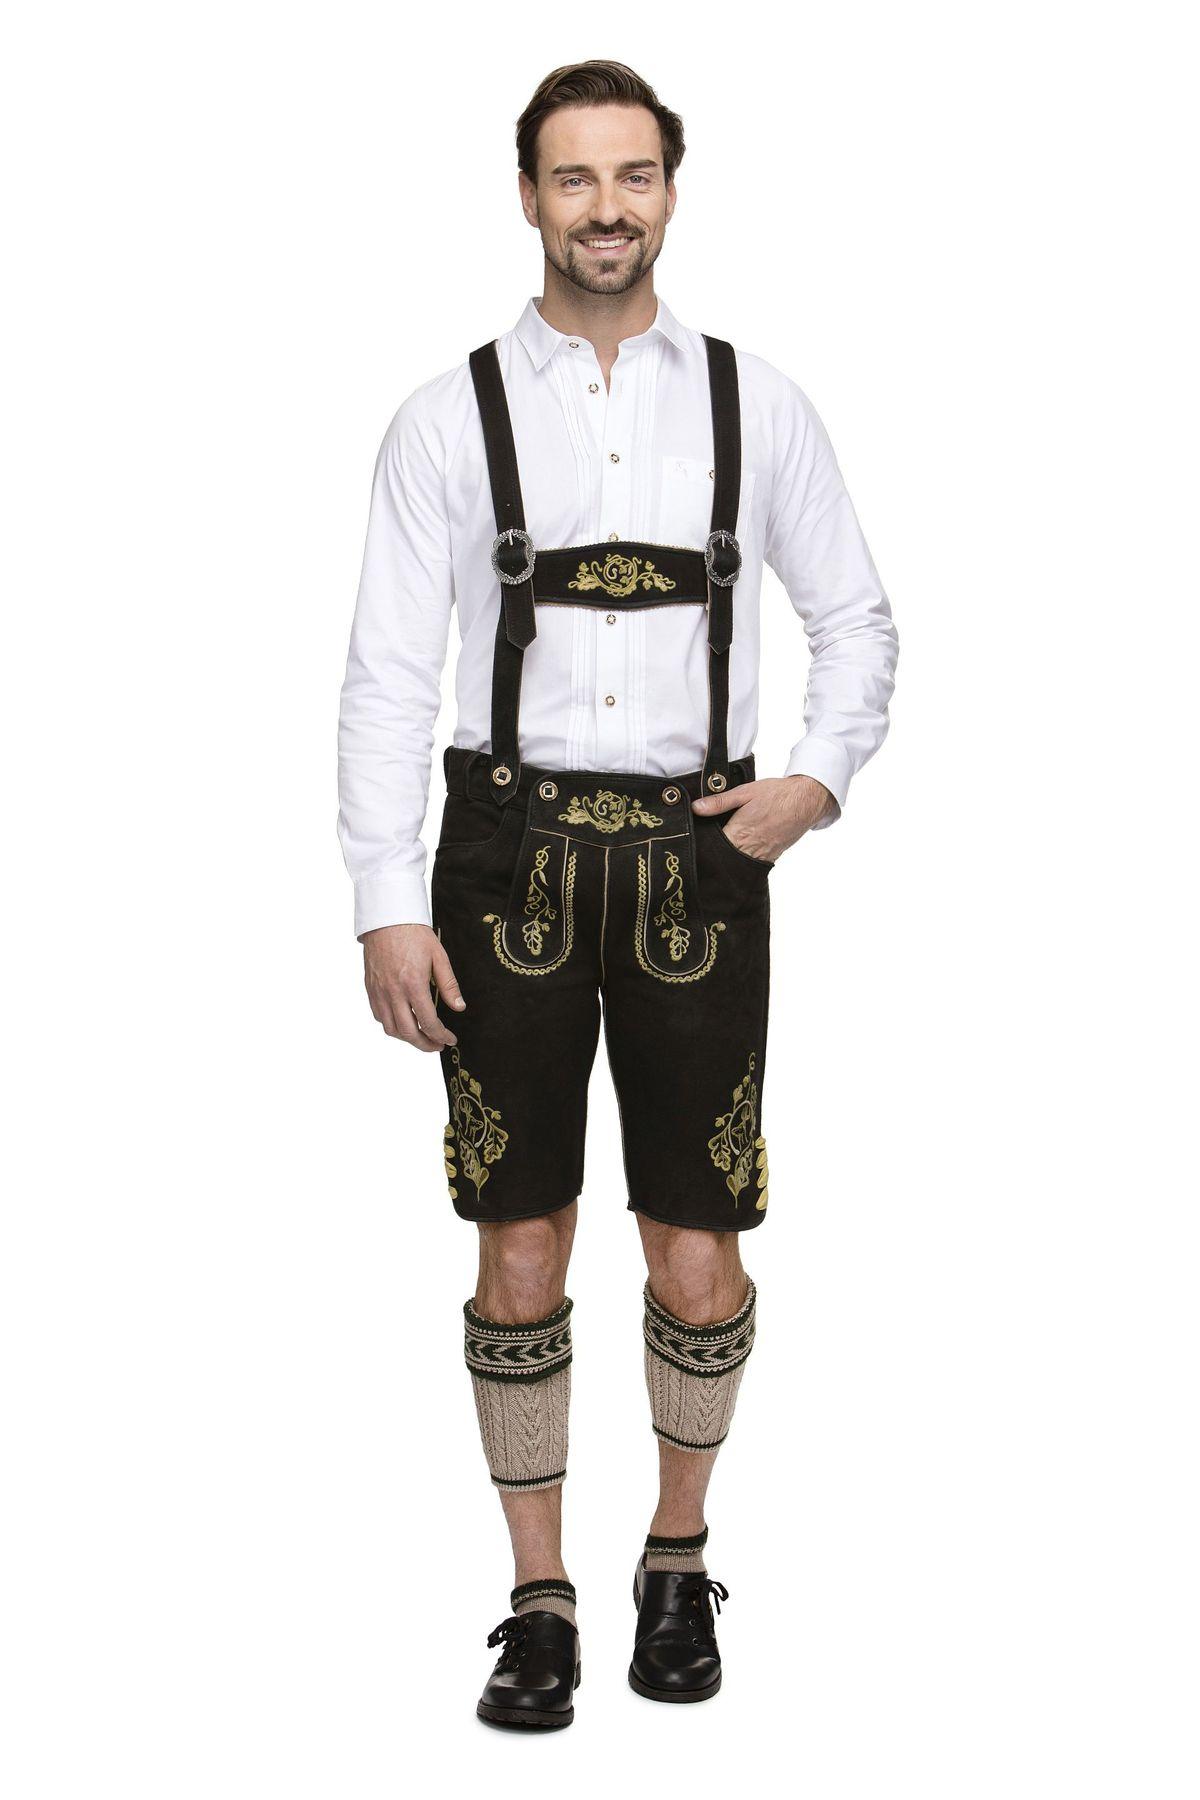 Stockerpoint - Herren Trachten Lederhose mit Träger in versch. Farben, Rupert – Bild 4